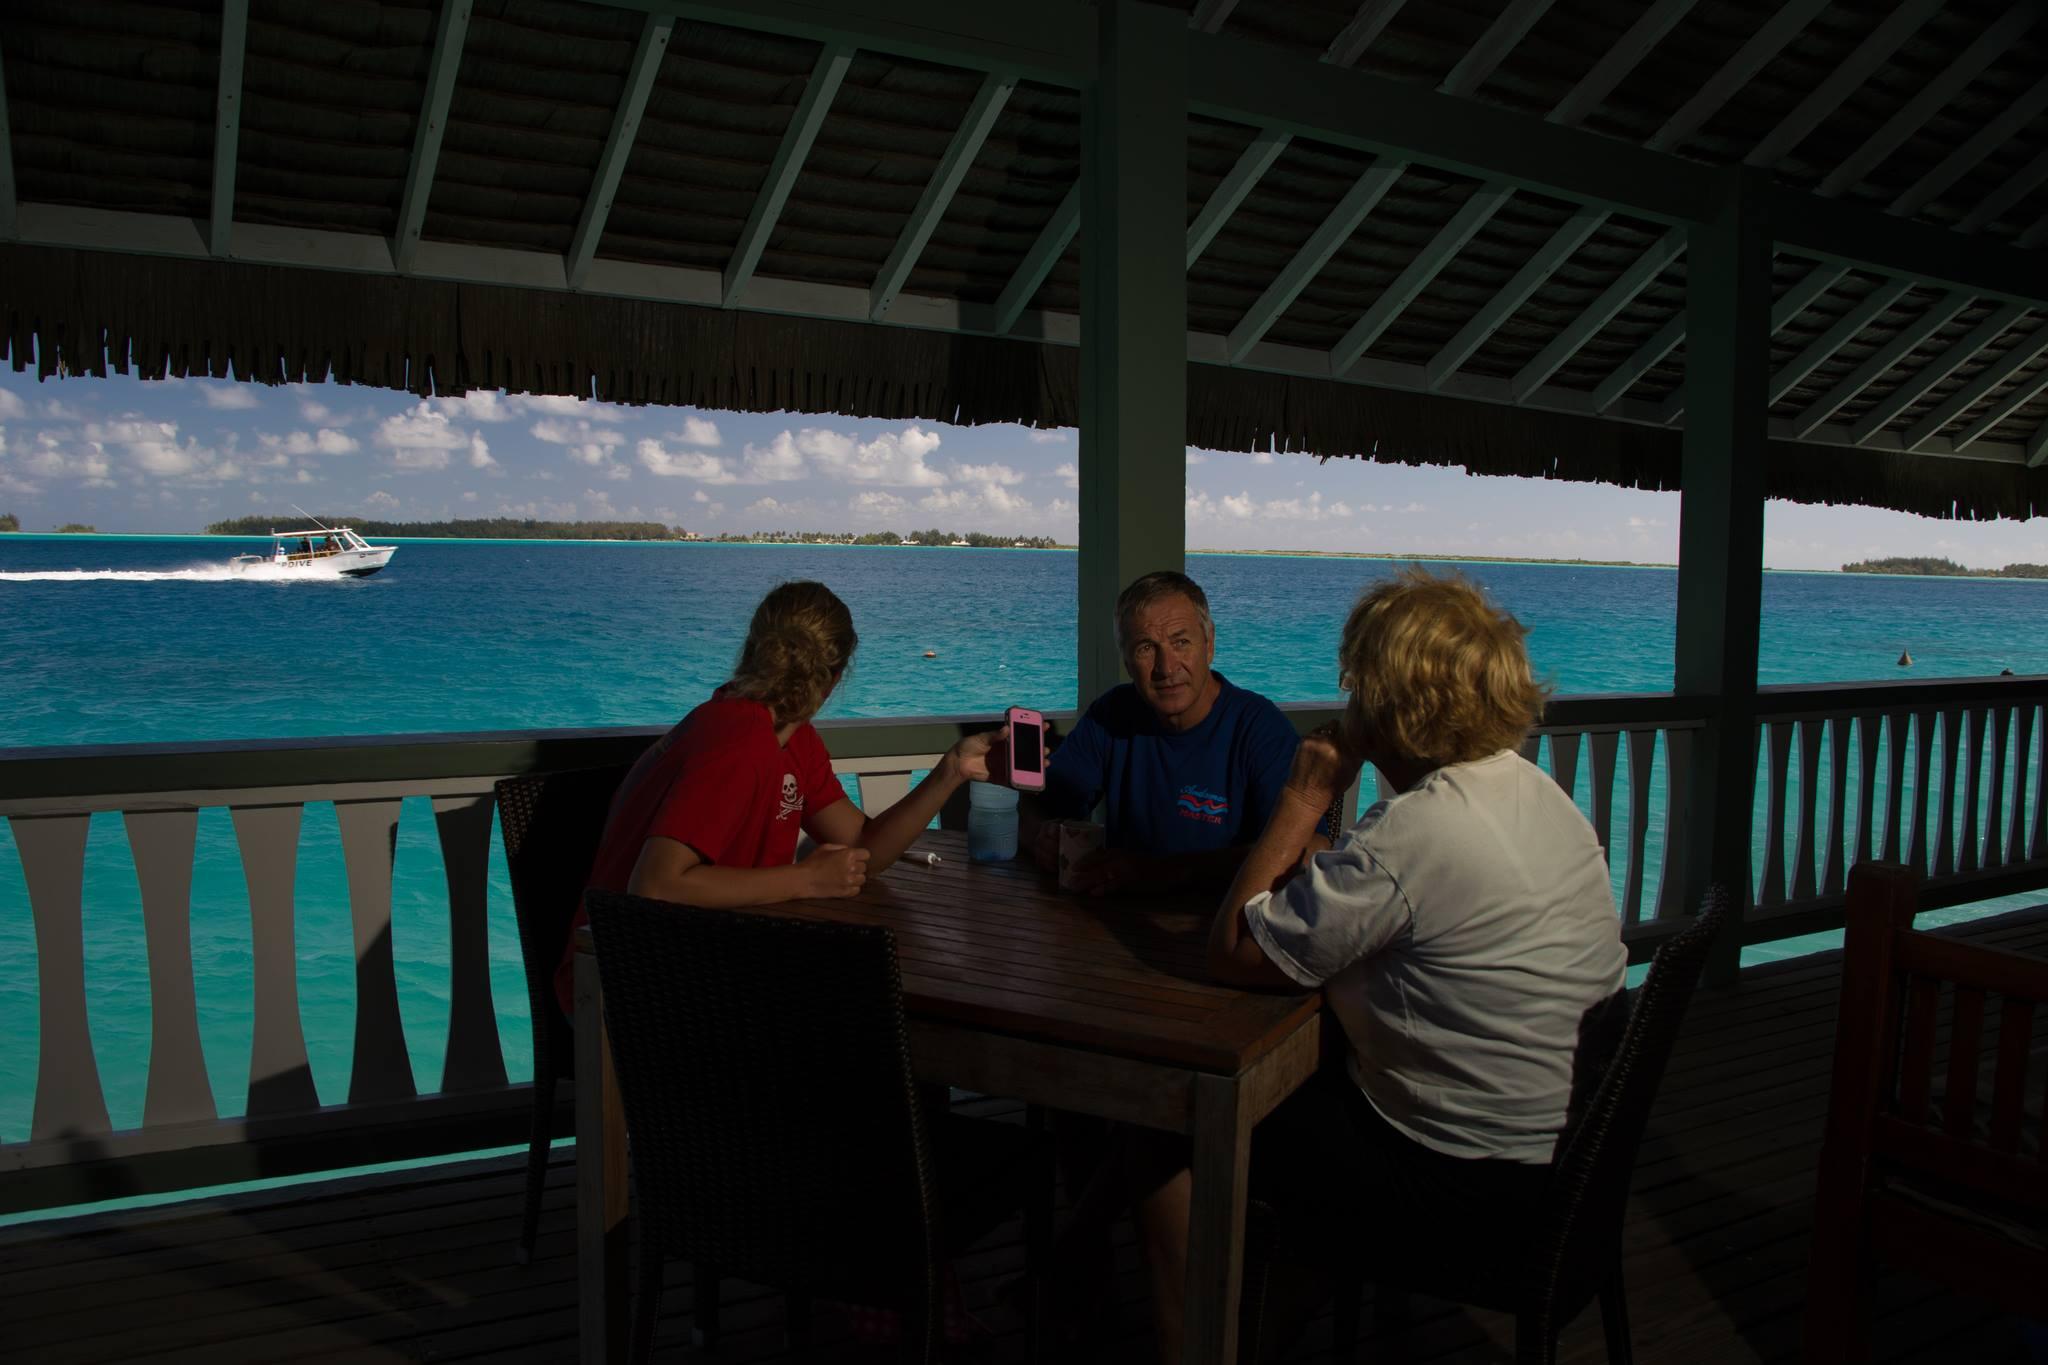 our fantastic overwater bungalow in Bora Bora